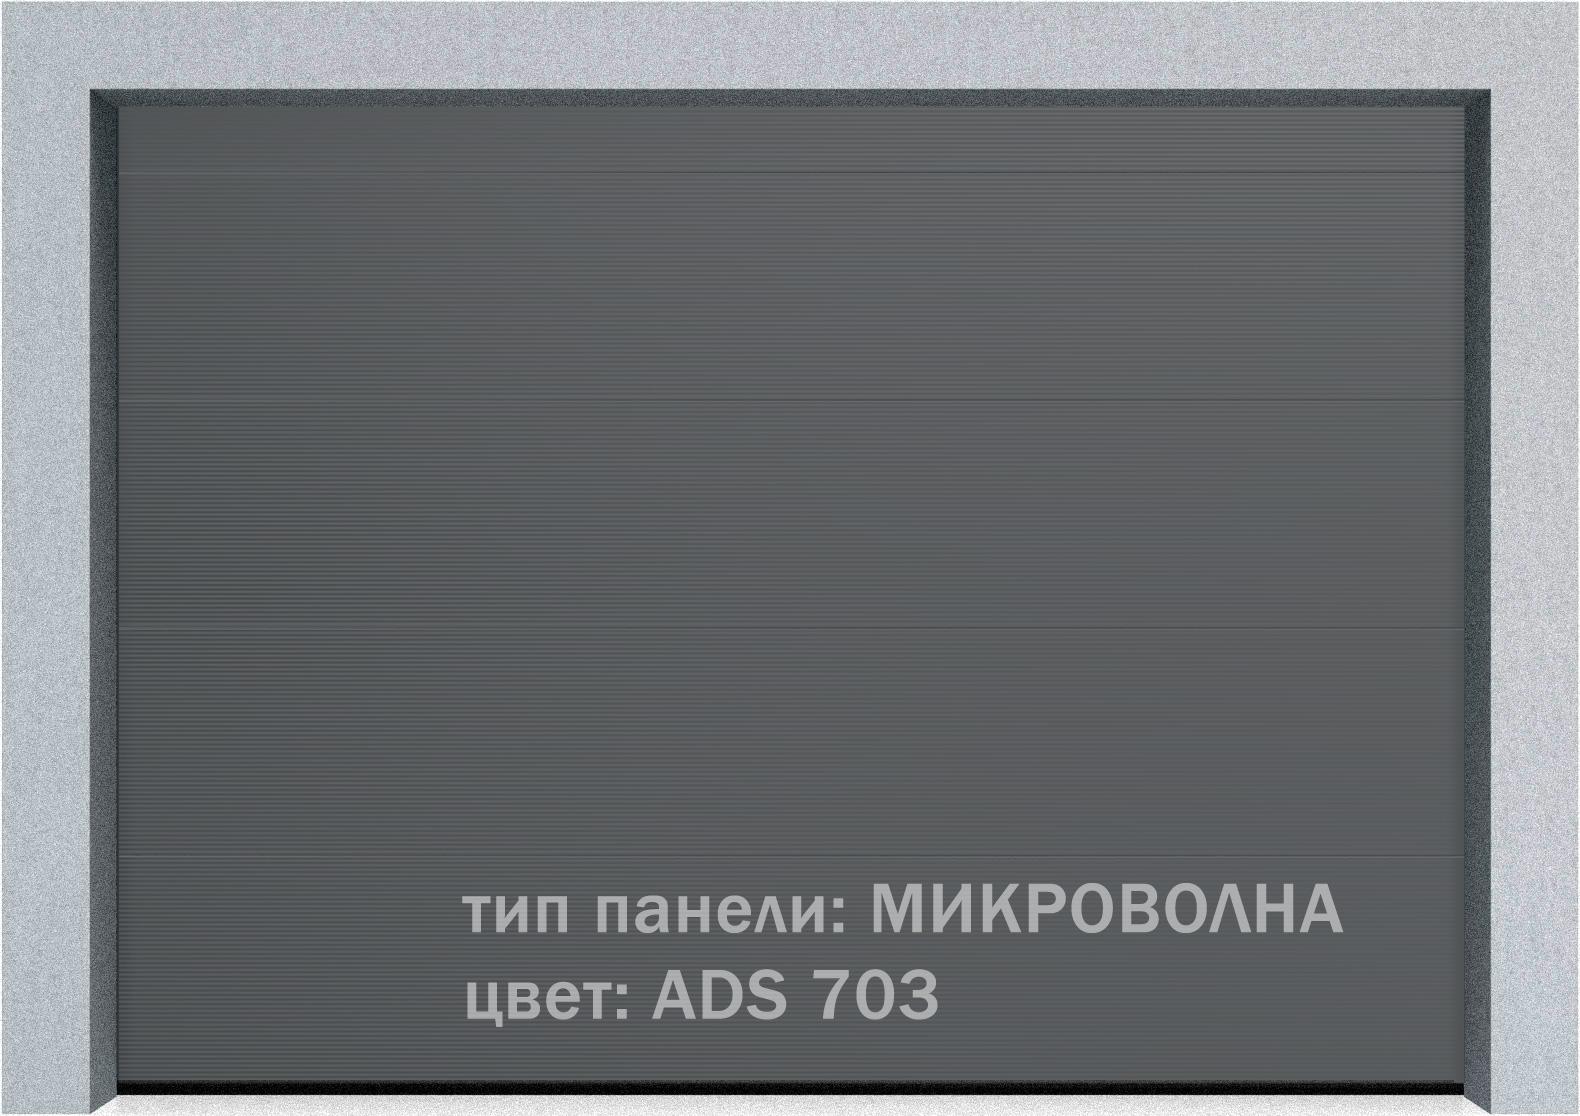 Секционные промышленные ворота Alutech ProTrend 2500х2000 S-гофр, Микроволна стандартные цвета, фото 20